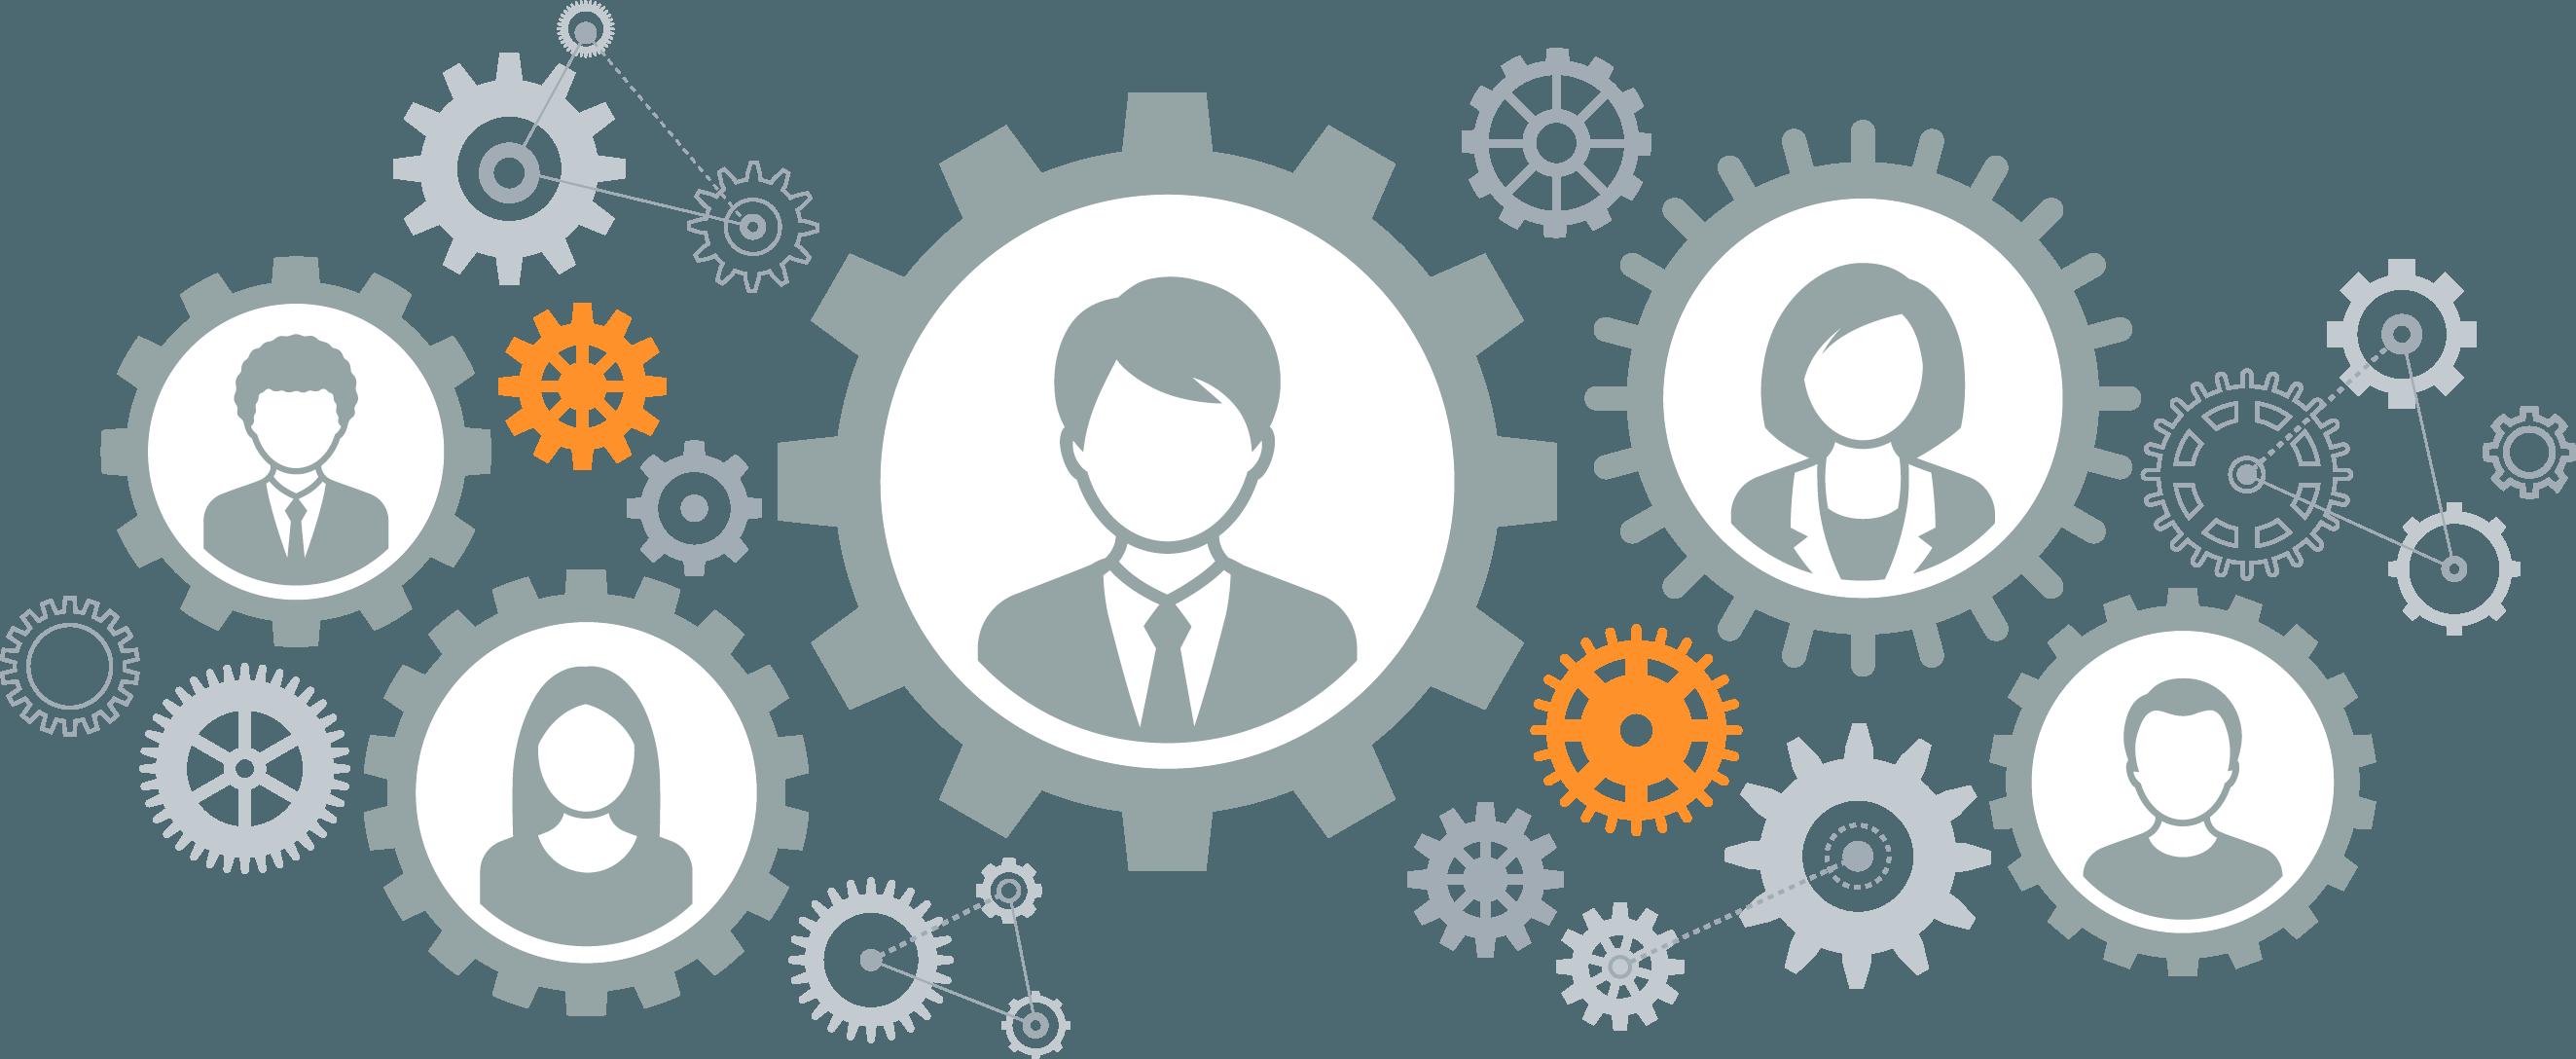 FInd din leverandør til svejsning, skæring eller galvanisering arbejde